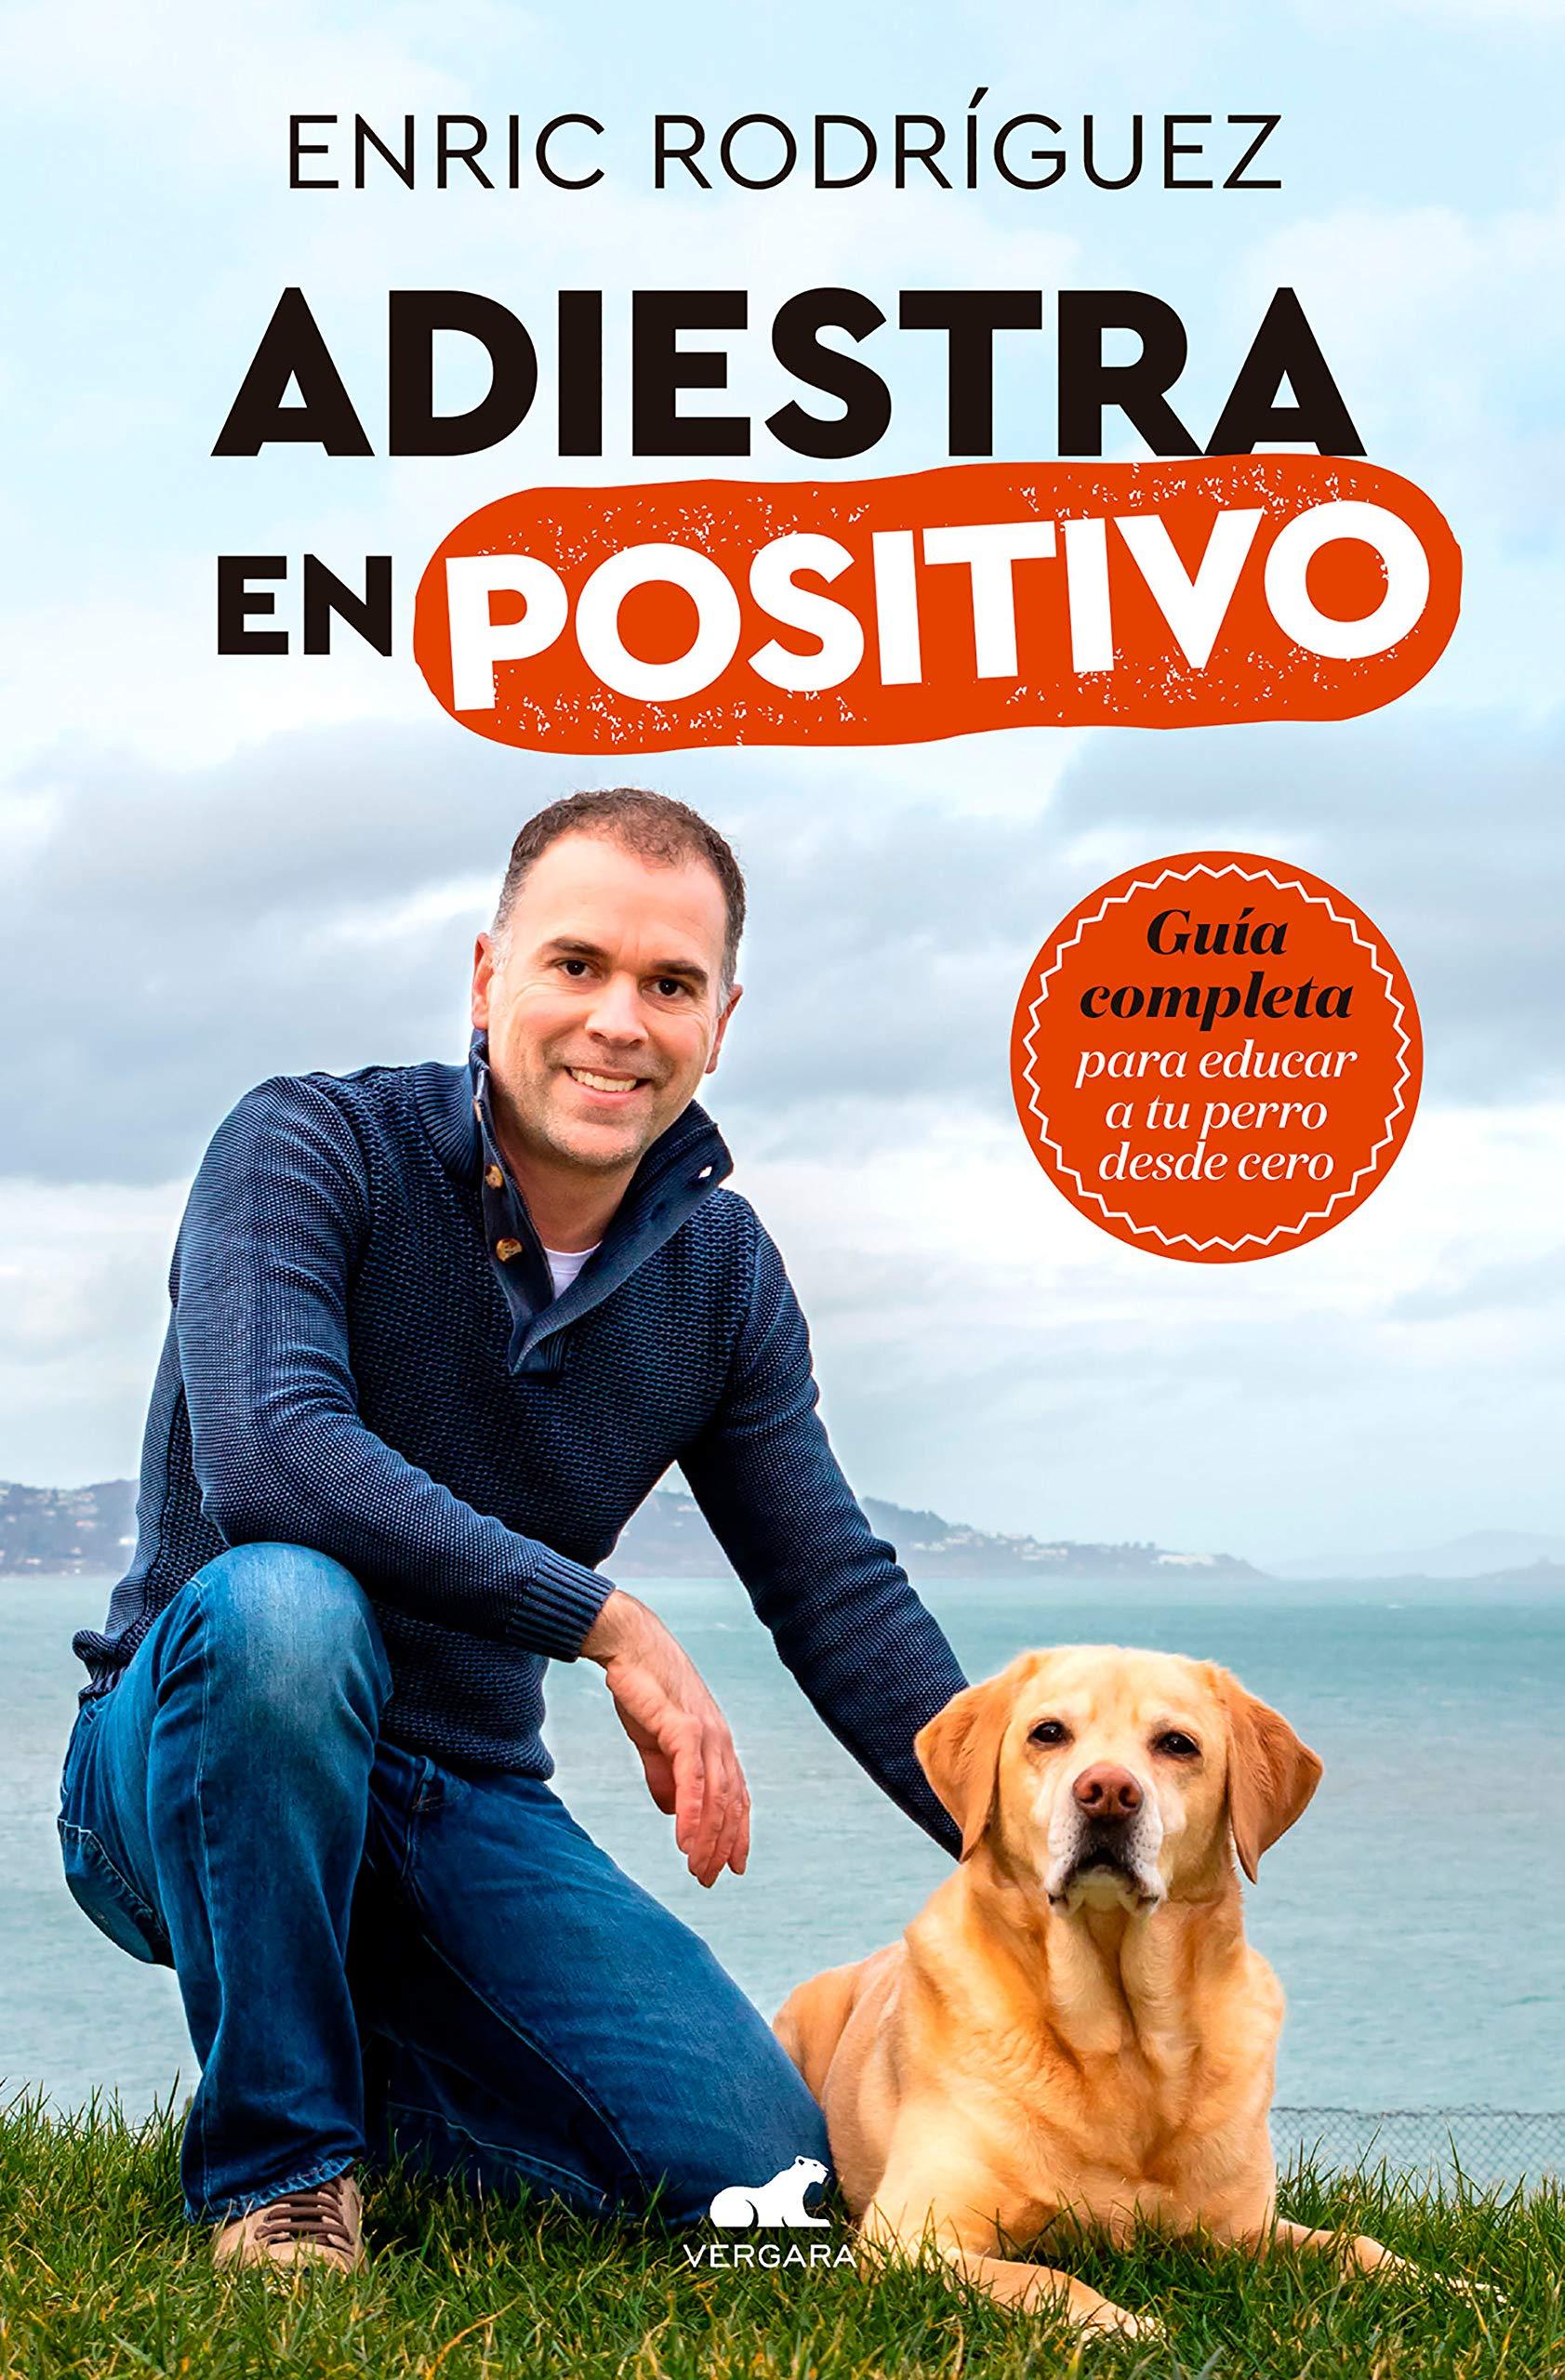 Adiestra en positivo: Guía completa para educar a tu perro desde cero (Libro práctico)